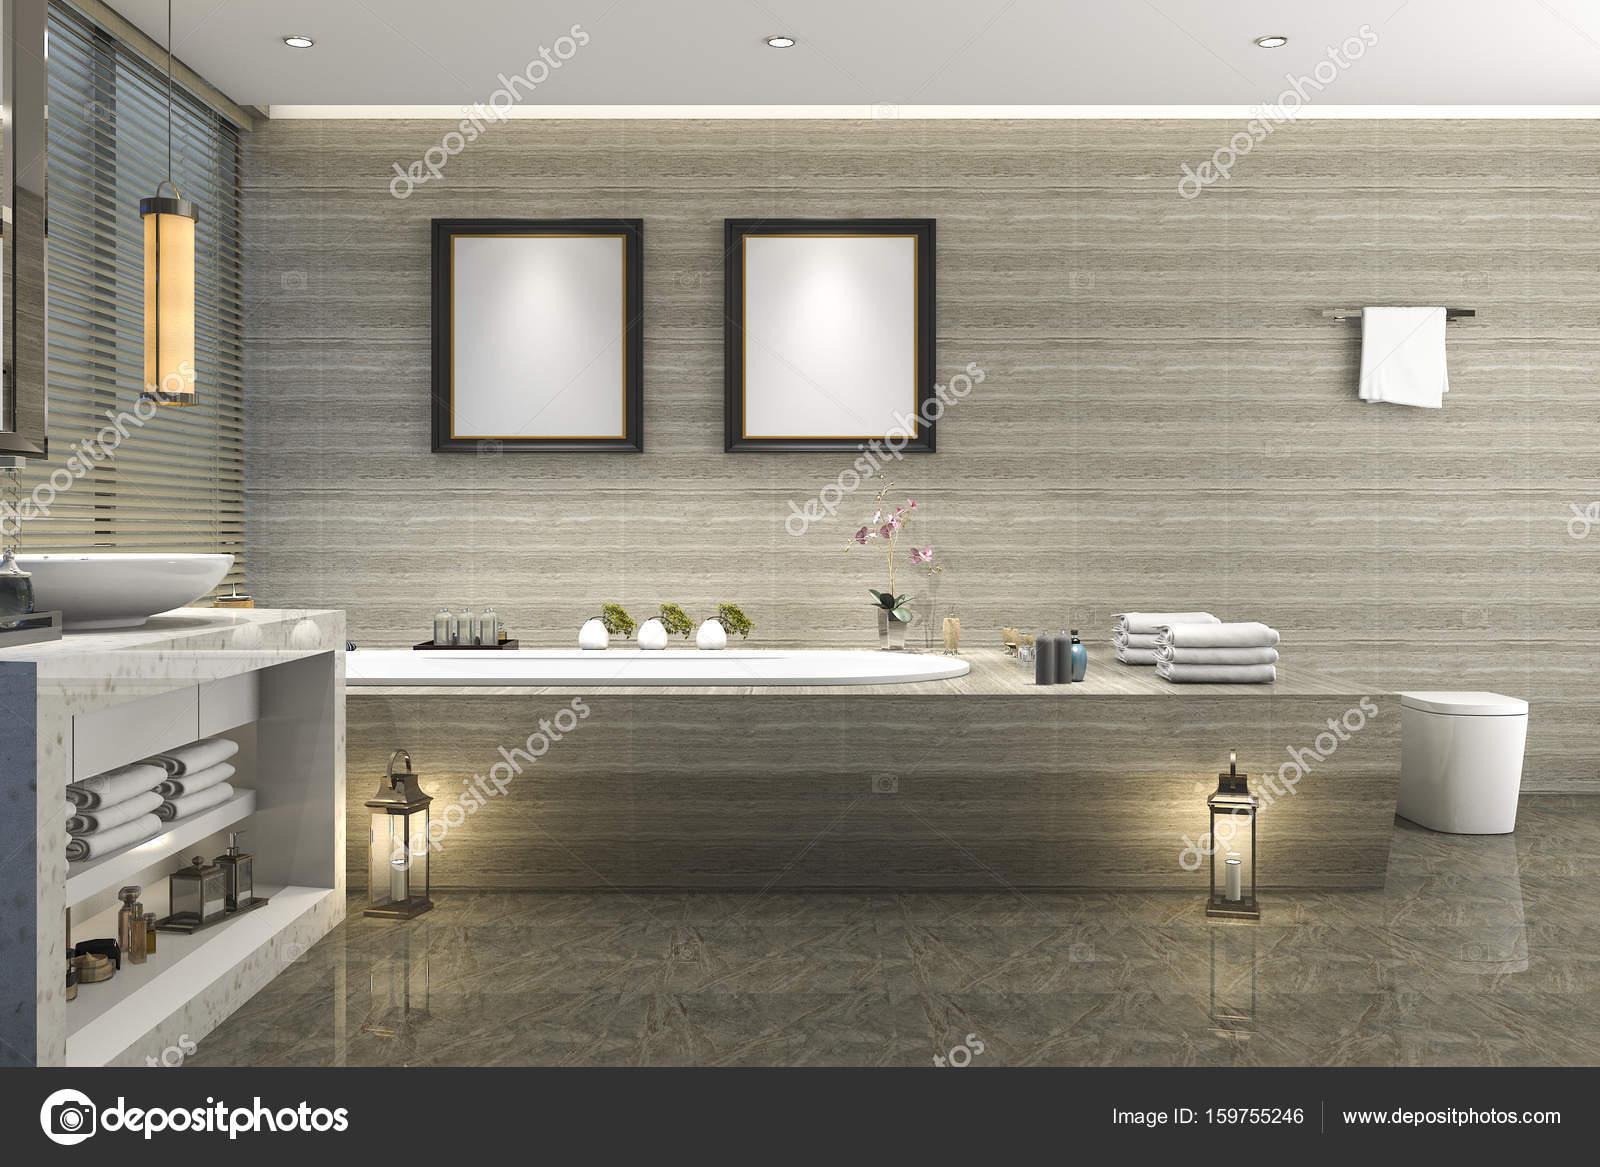 Piastrelle bagno classico moderno del rendering d con lusso